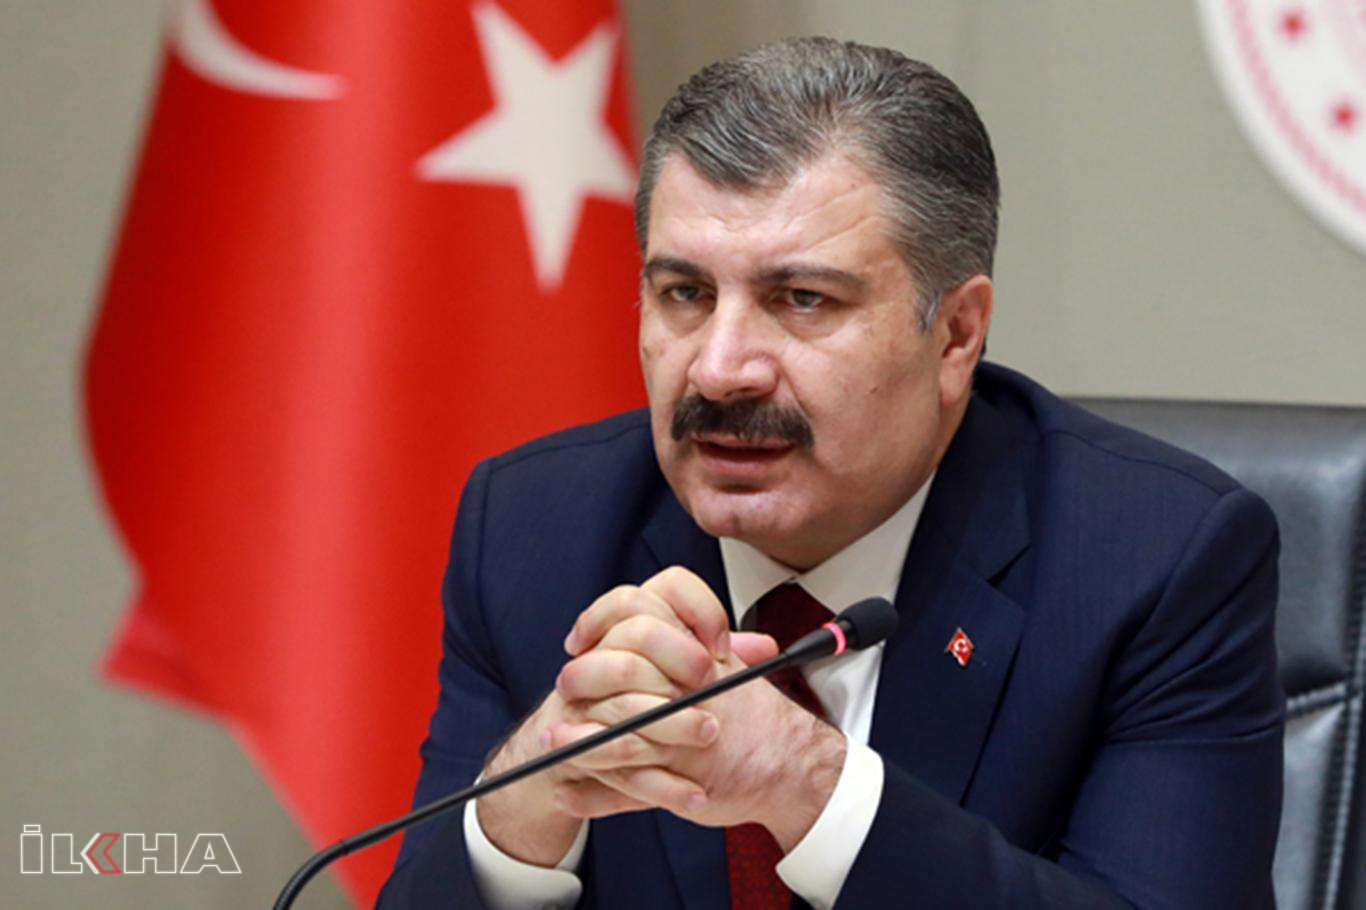 """Sağlık Bakanı Koca İstiklal Caddesi'ni paylaştı, """"Sağlam giren hasta çıkar"""" dedi"""